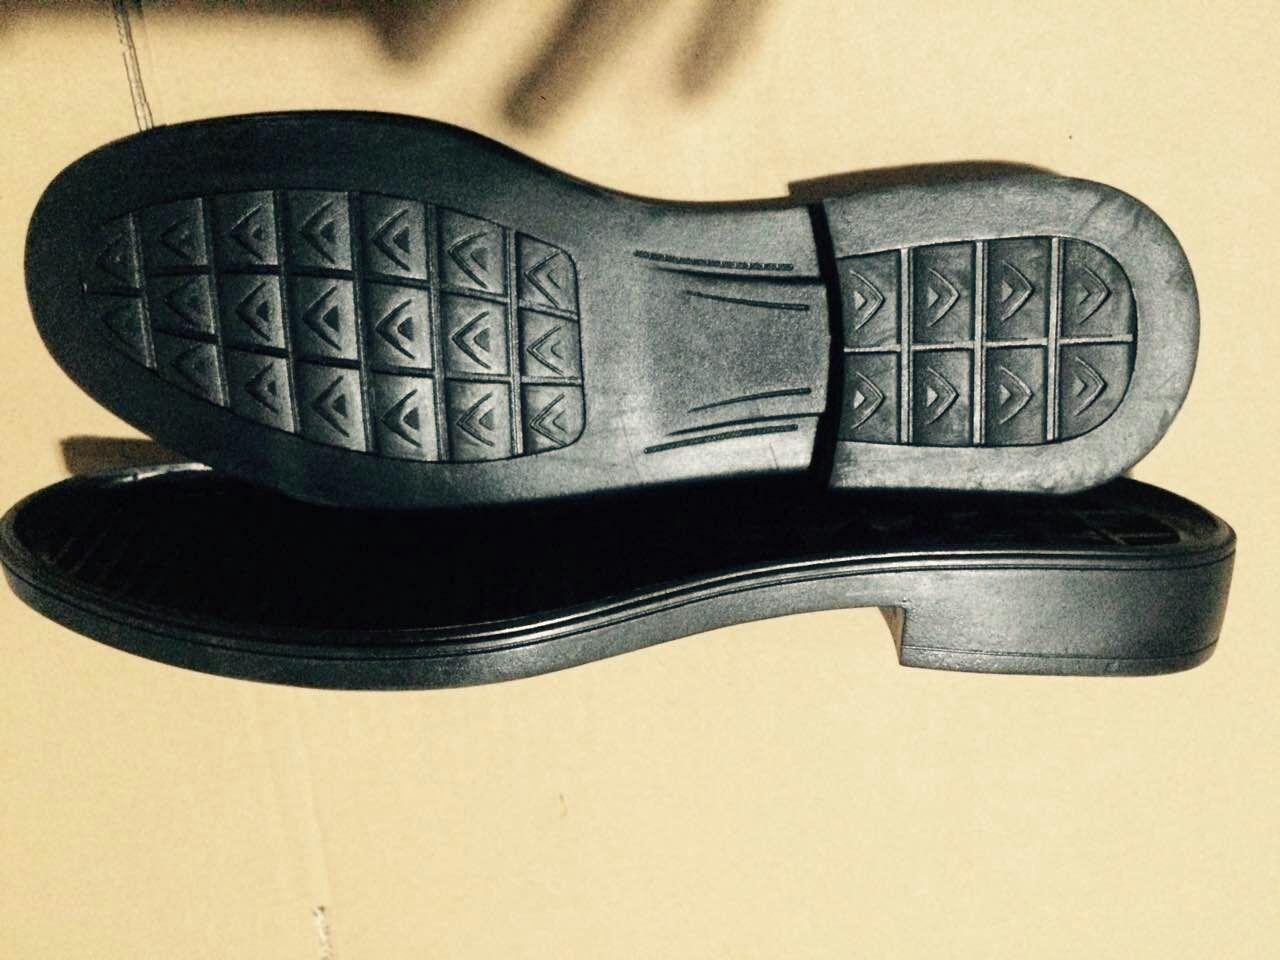 鞋底 橡胶 美耐底 鞋材